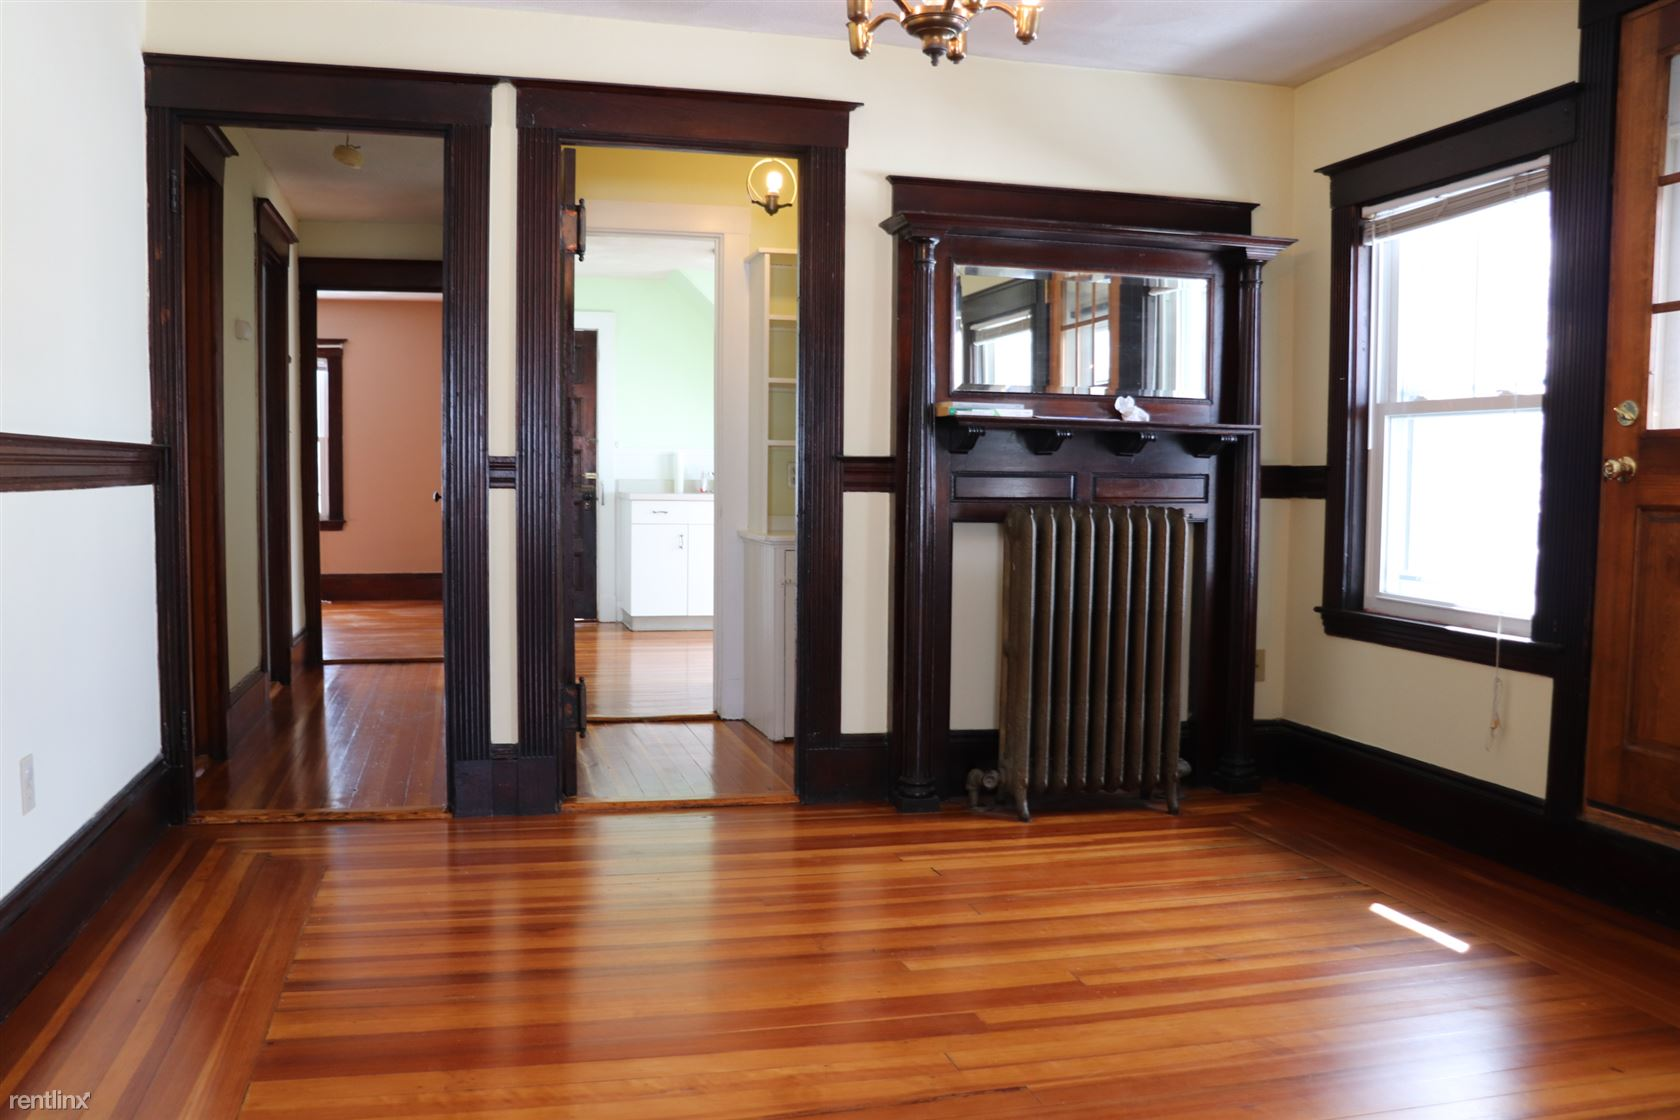 36 Bellevue Ave Apt 3, Winthrop, MA - $1,800